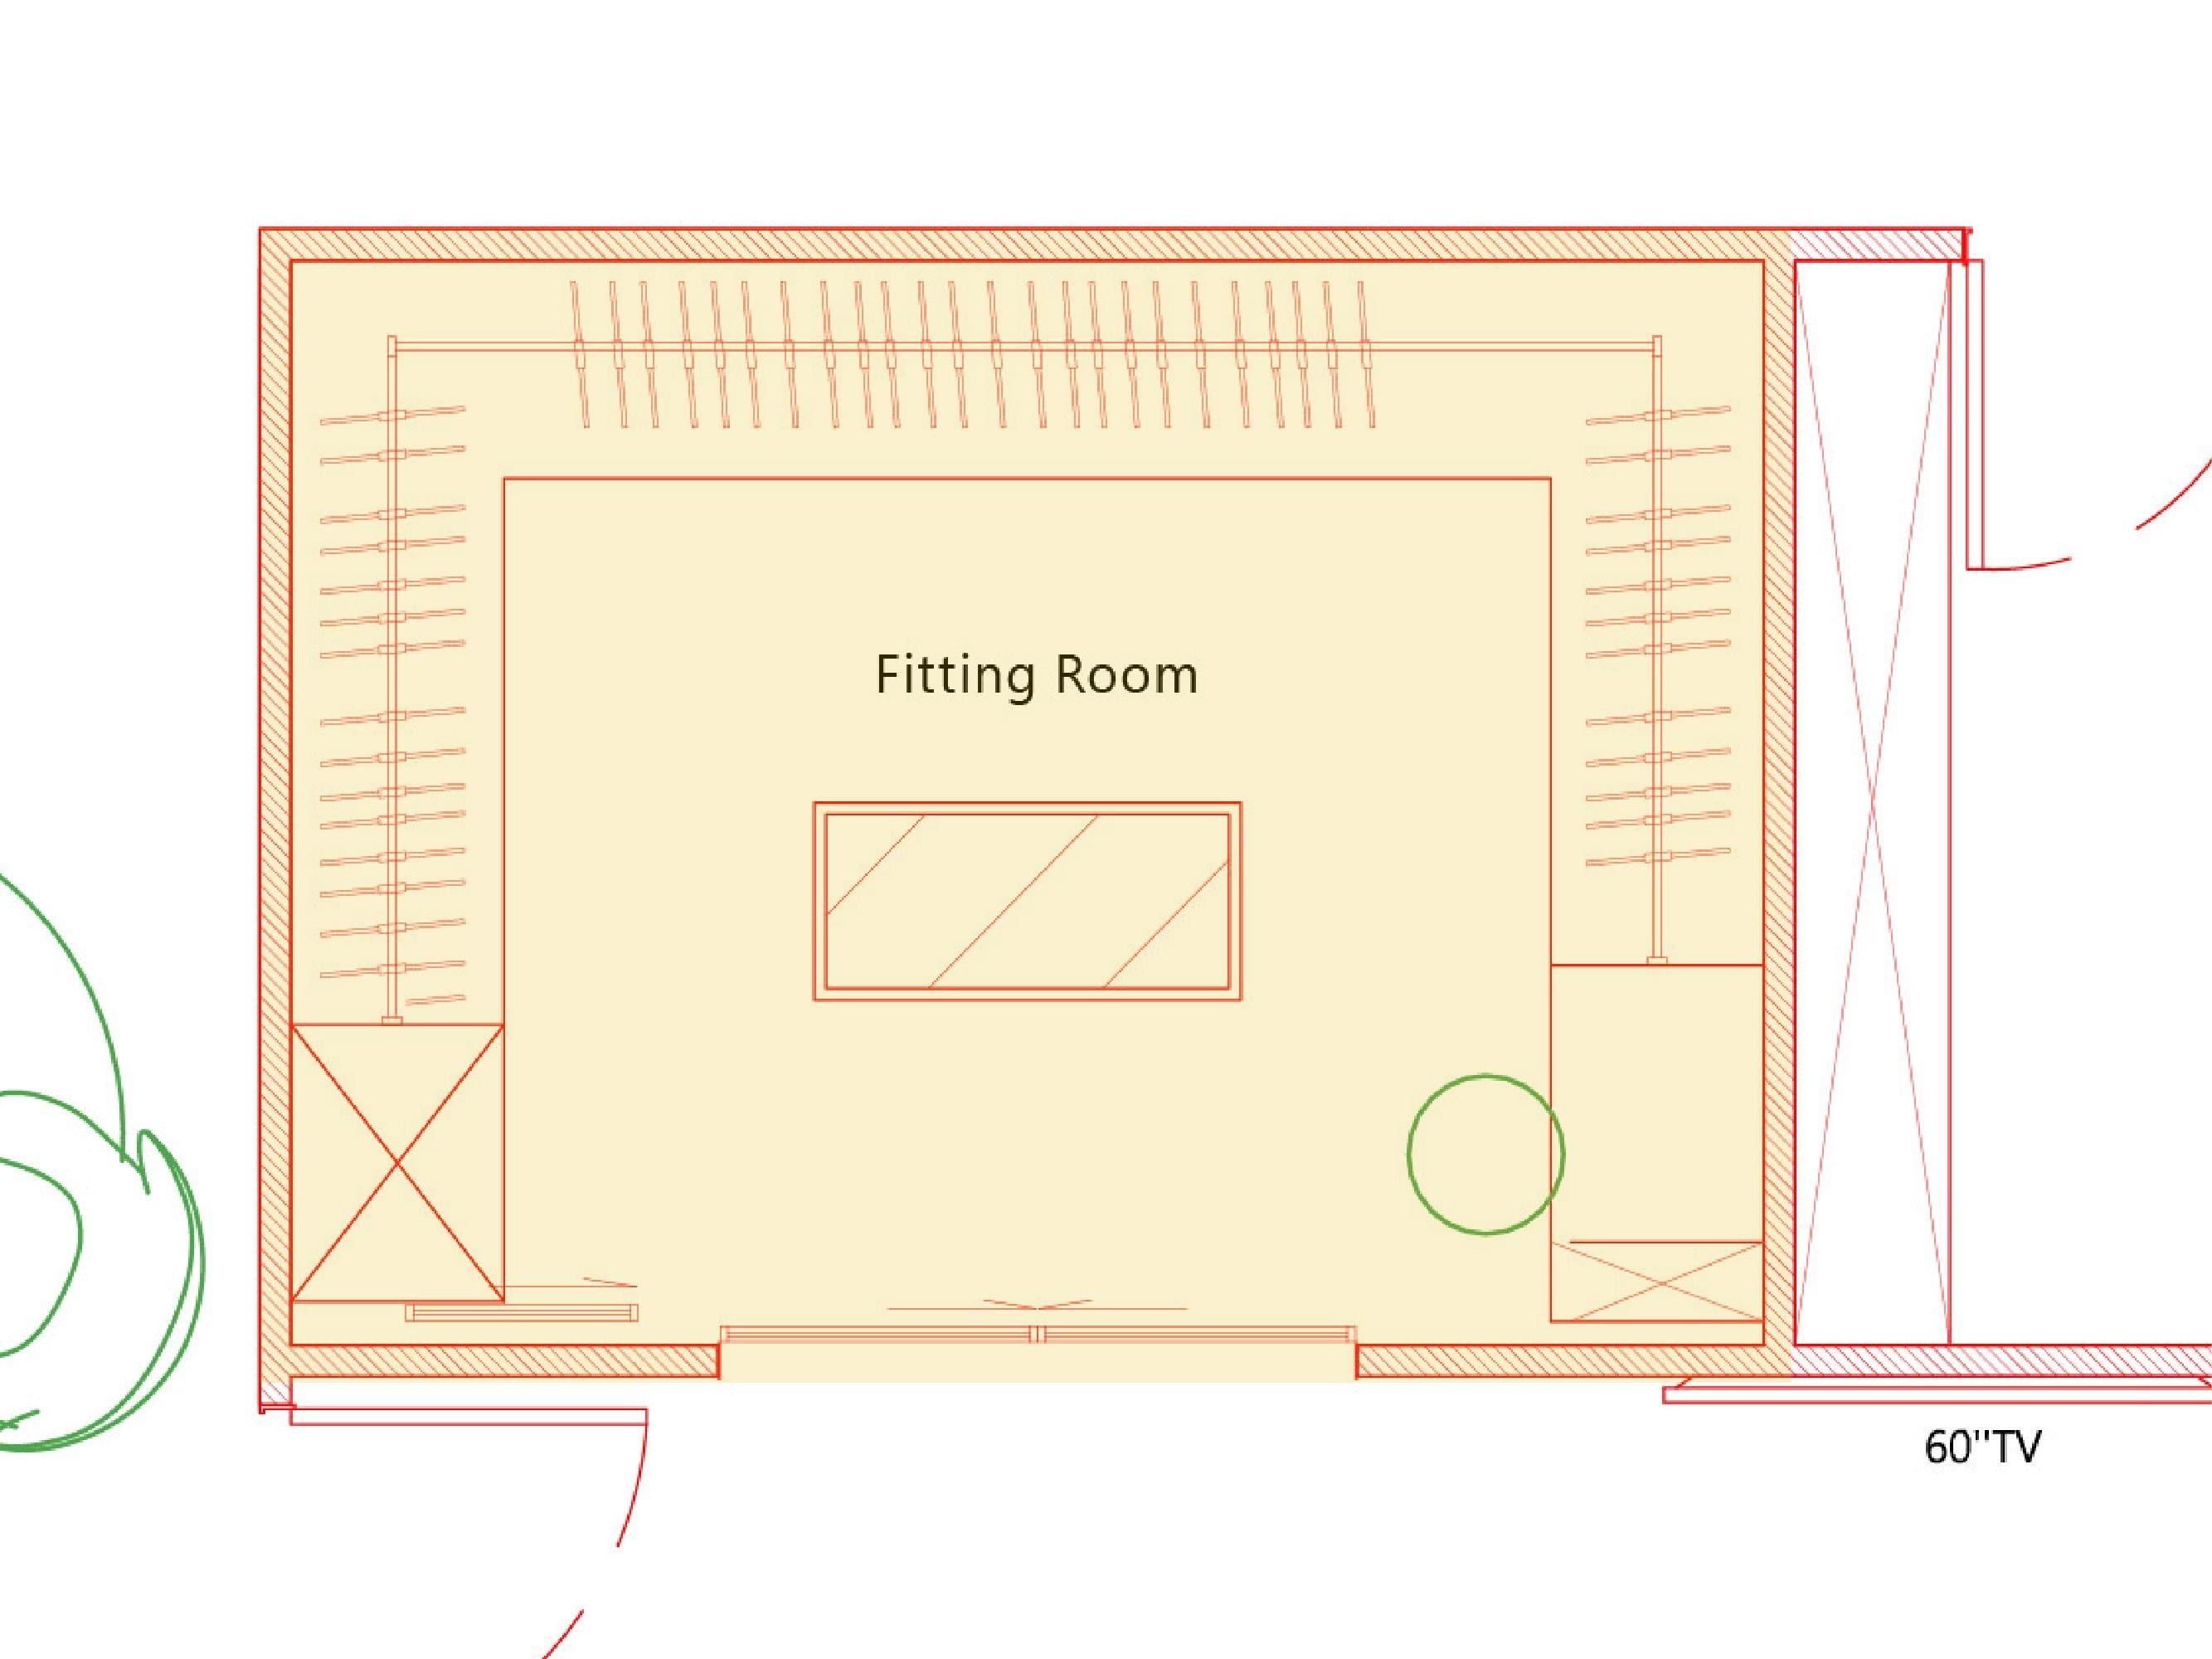 台中室內設計-現代風設計師、整體空間規劃、更衣間平面圖細節